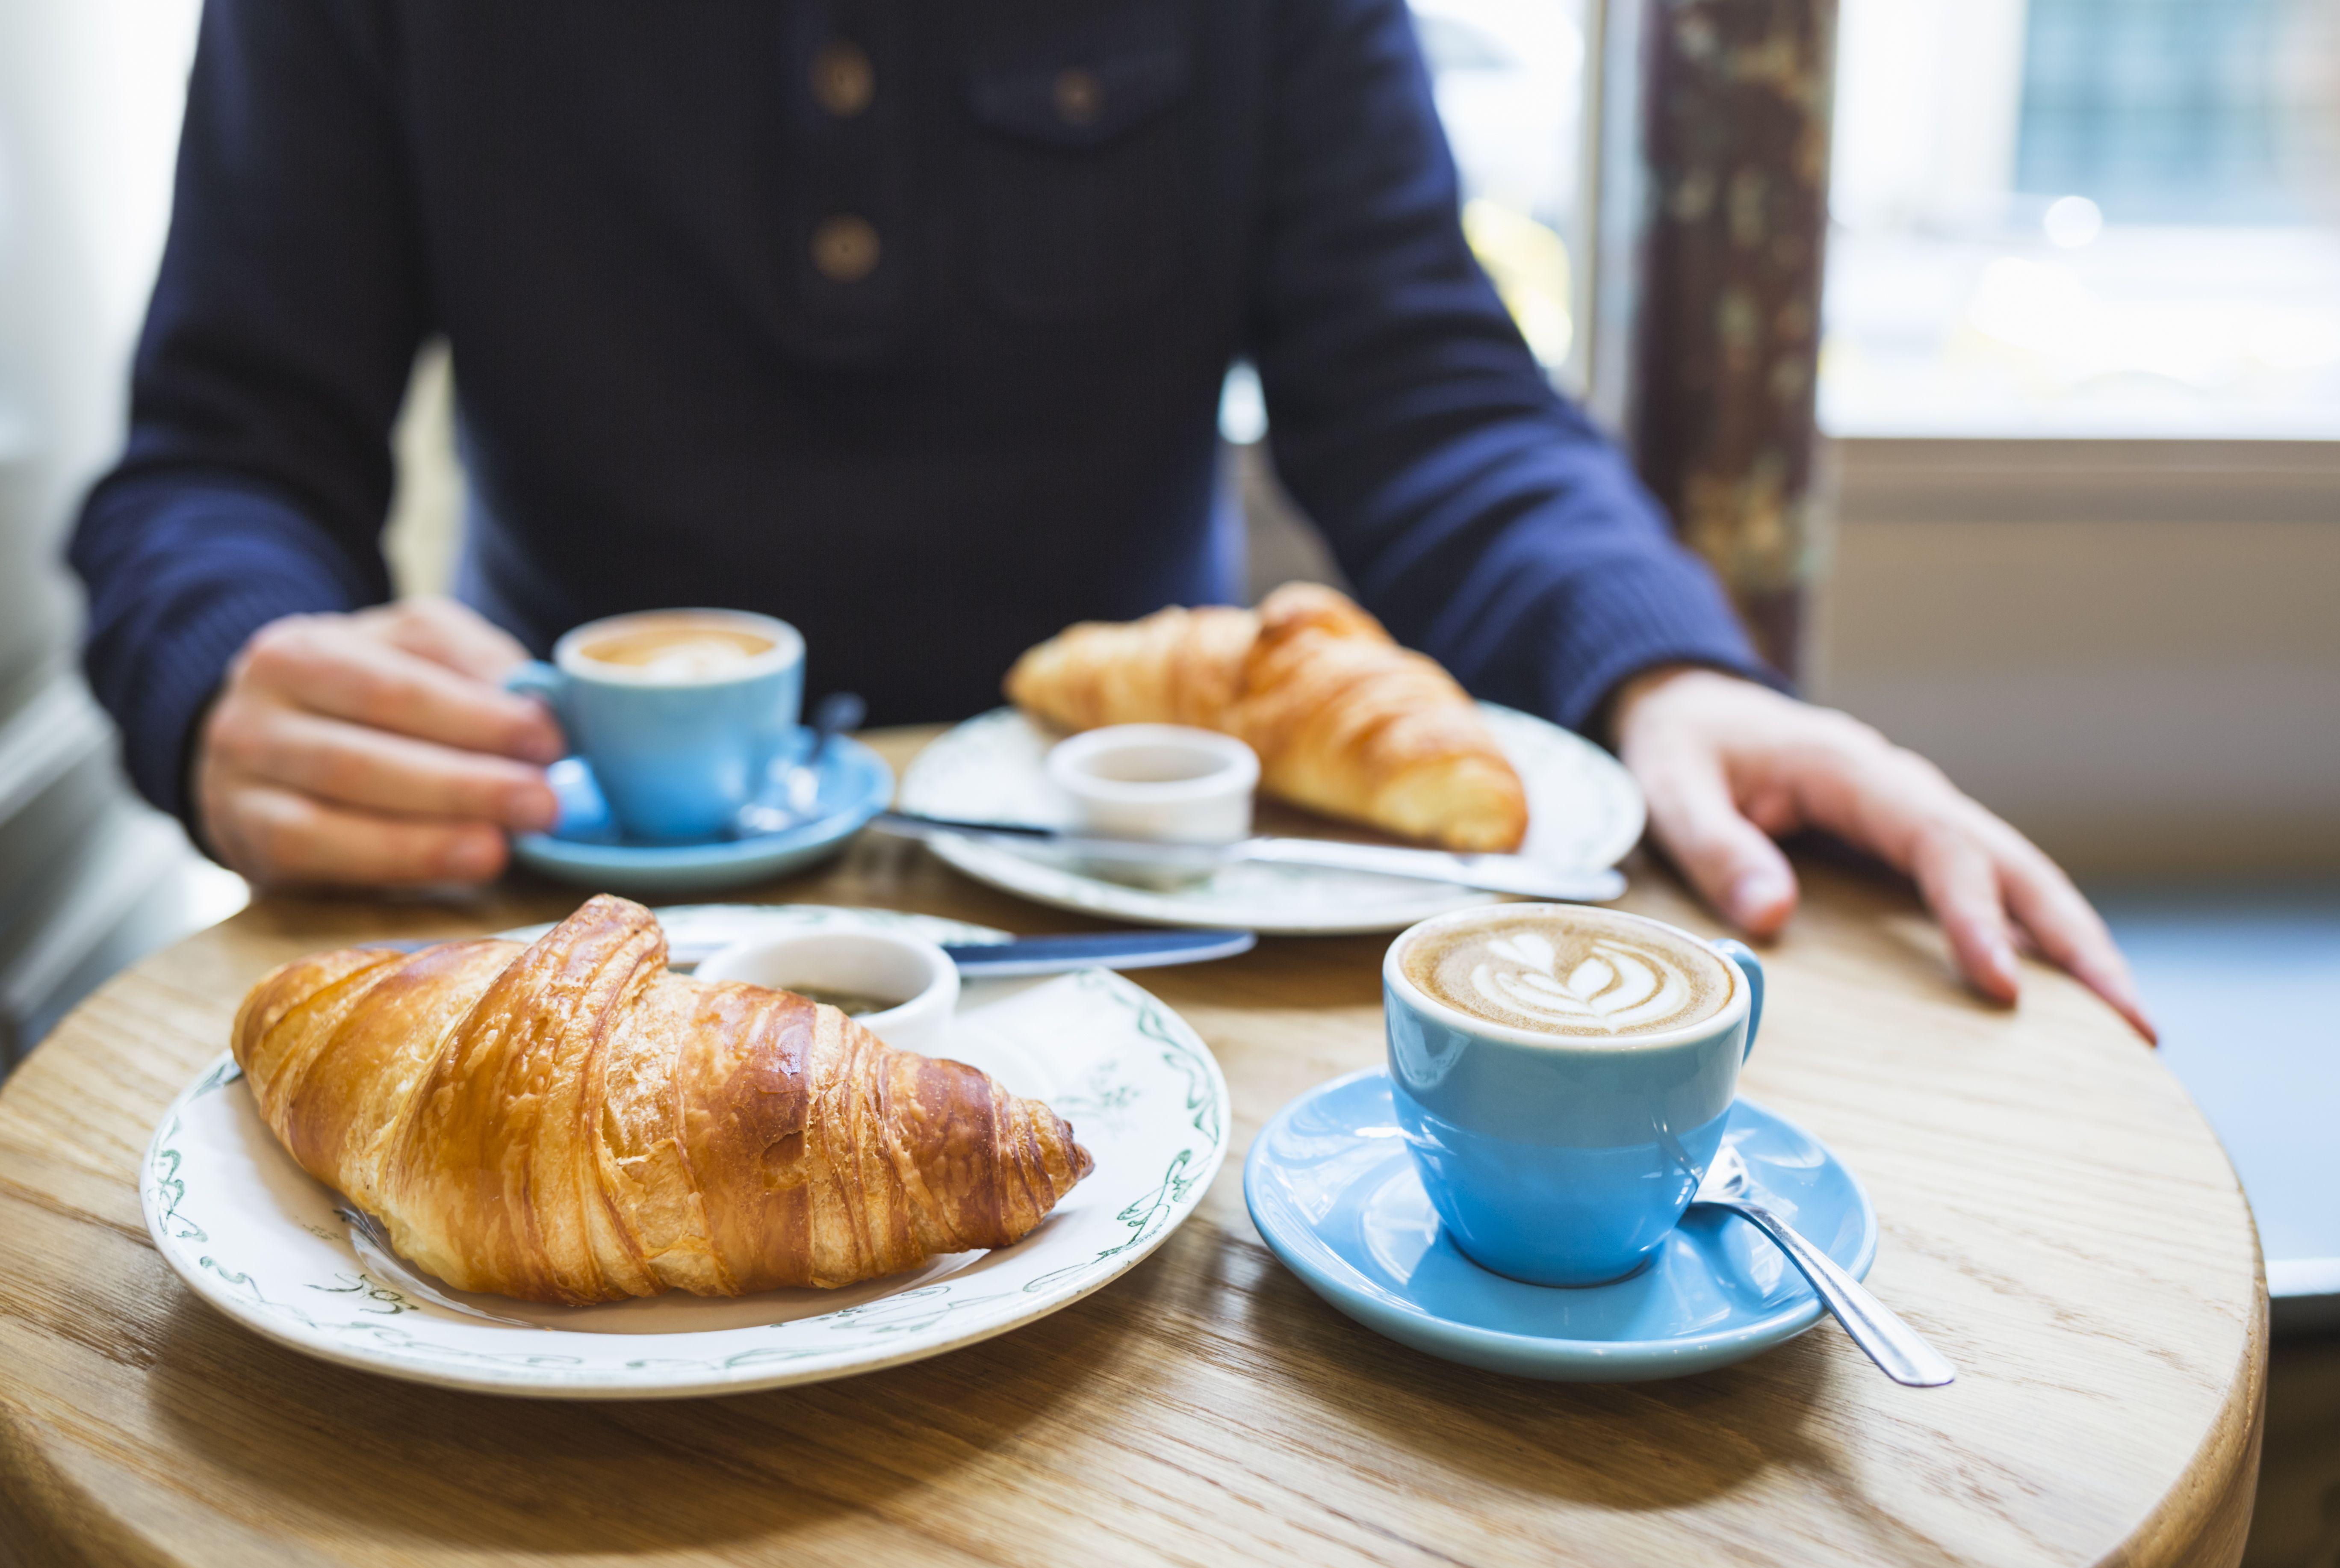 Desayunos: ¿Qué tenemos? de Cafetería La Nórdica